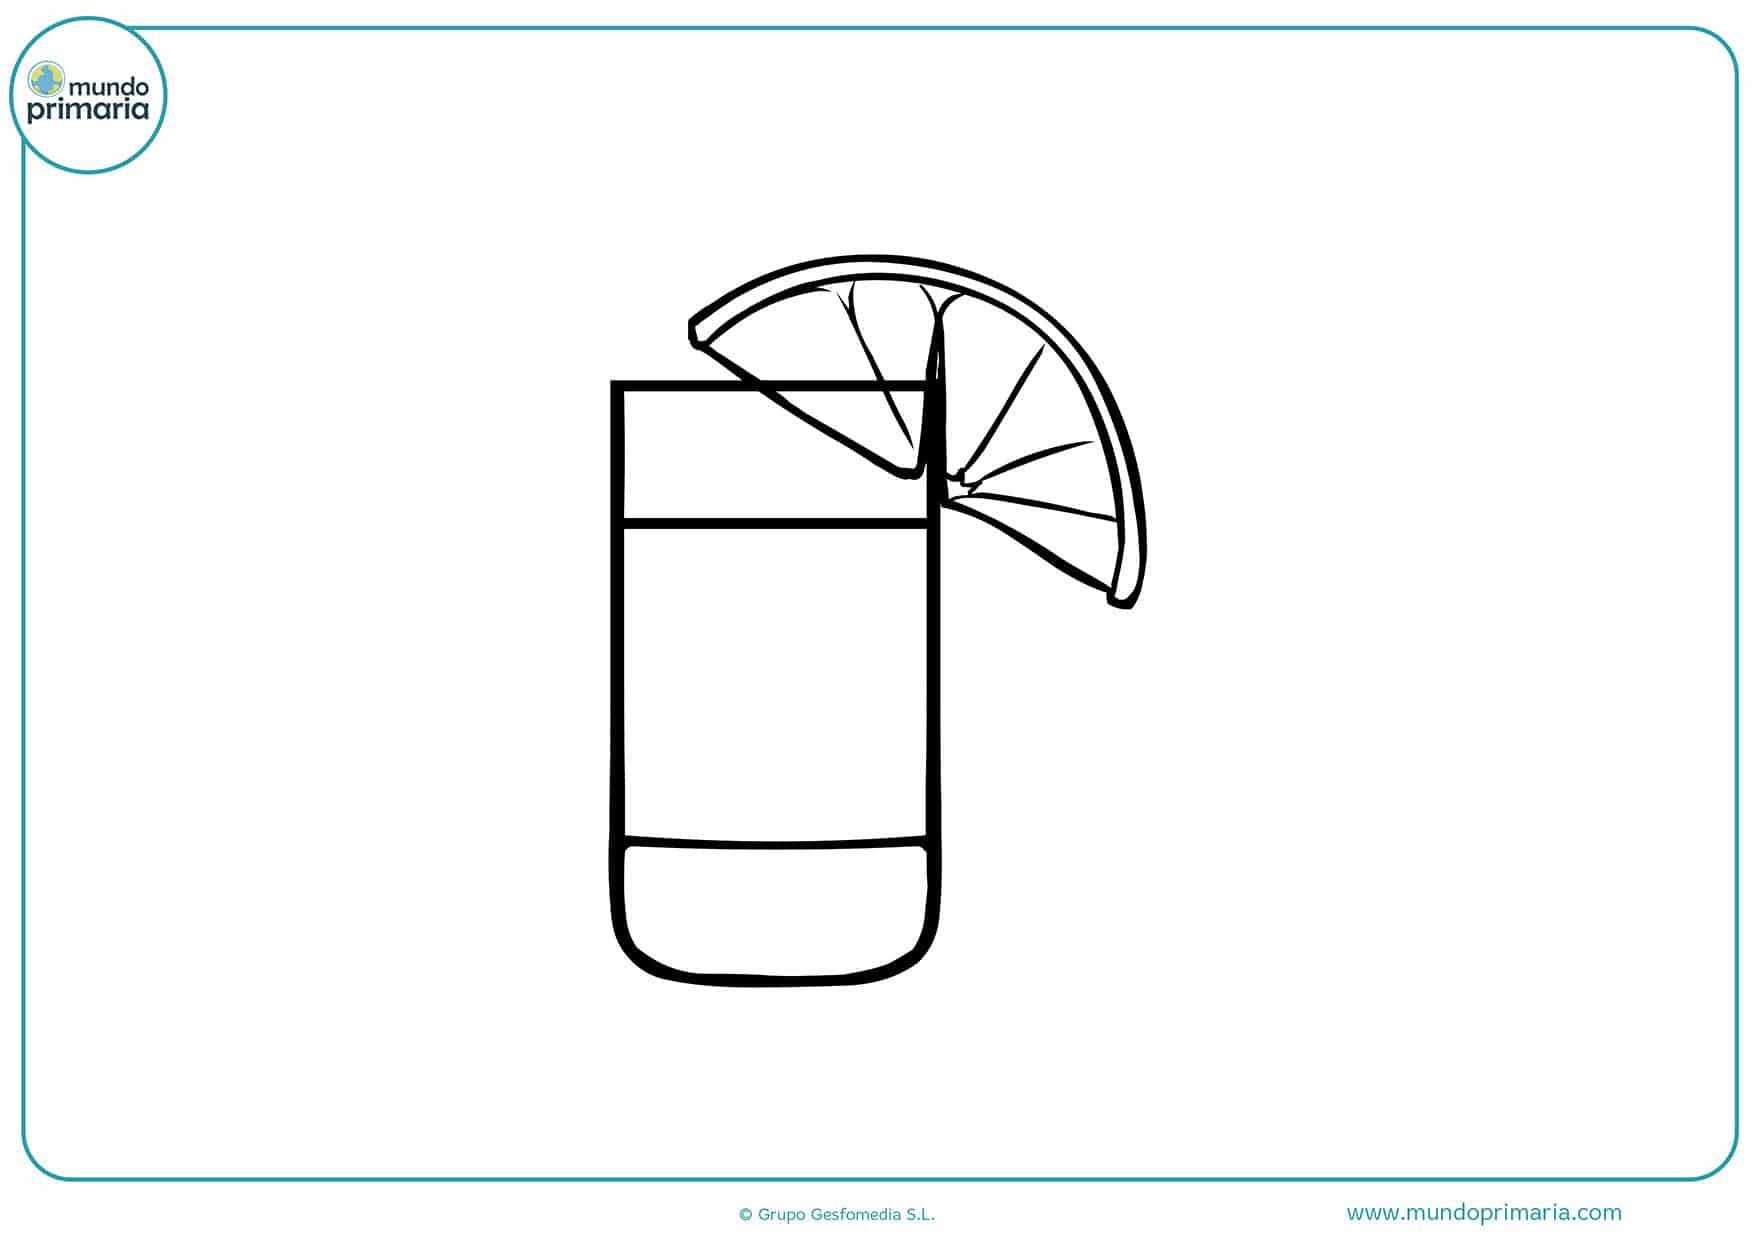 Dibujos bebidas para niños y niñas